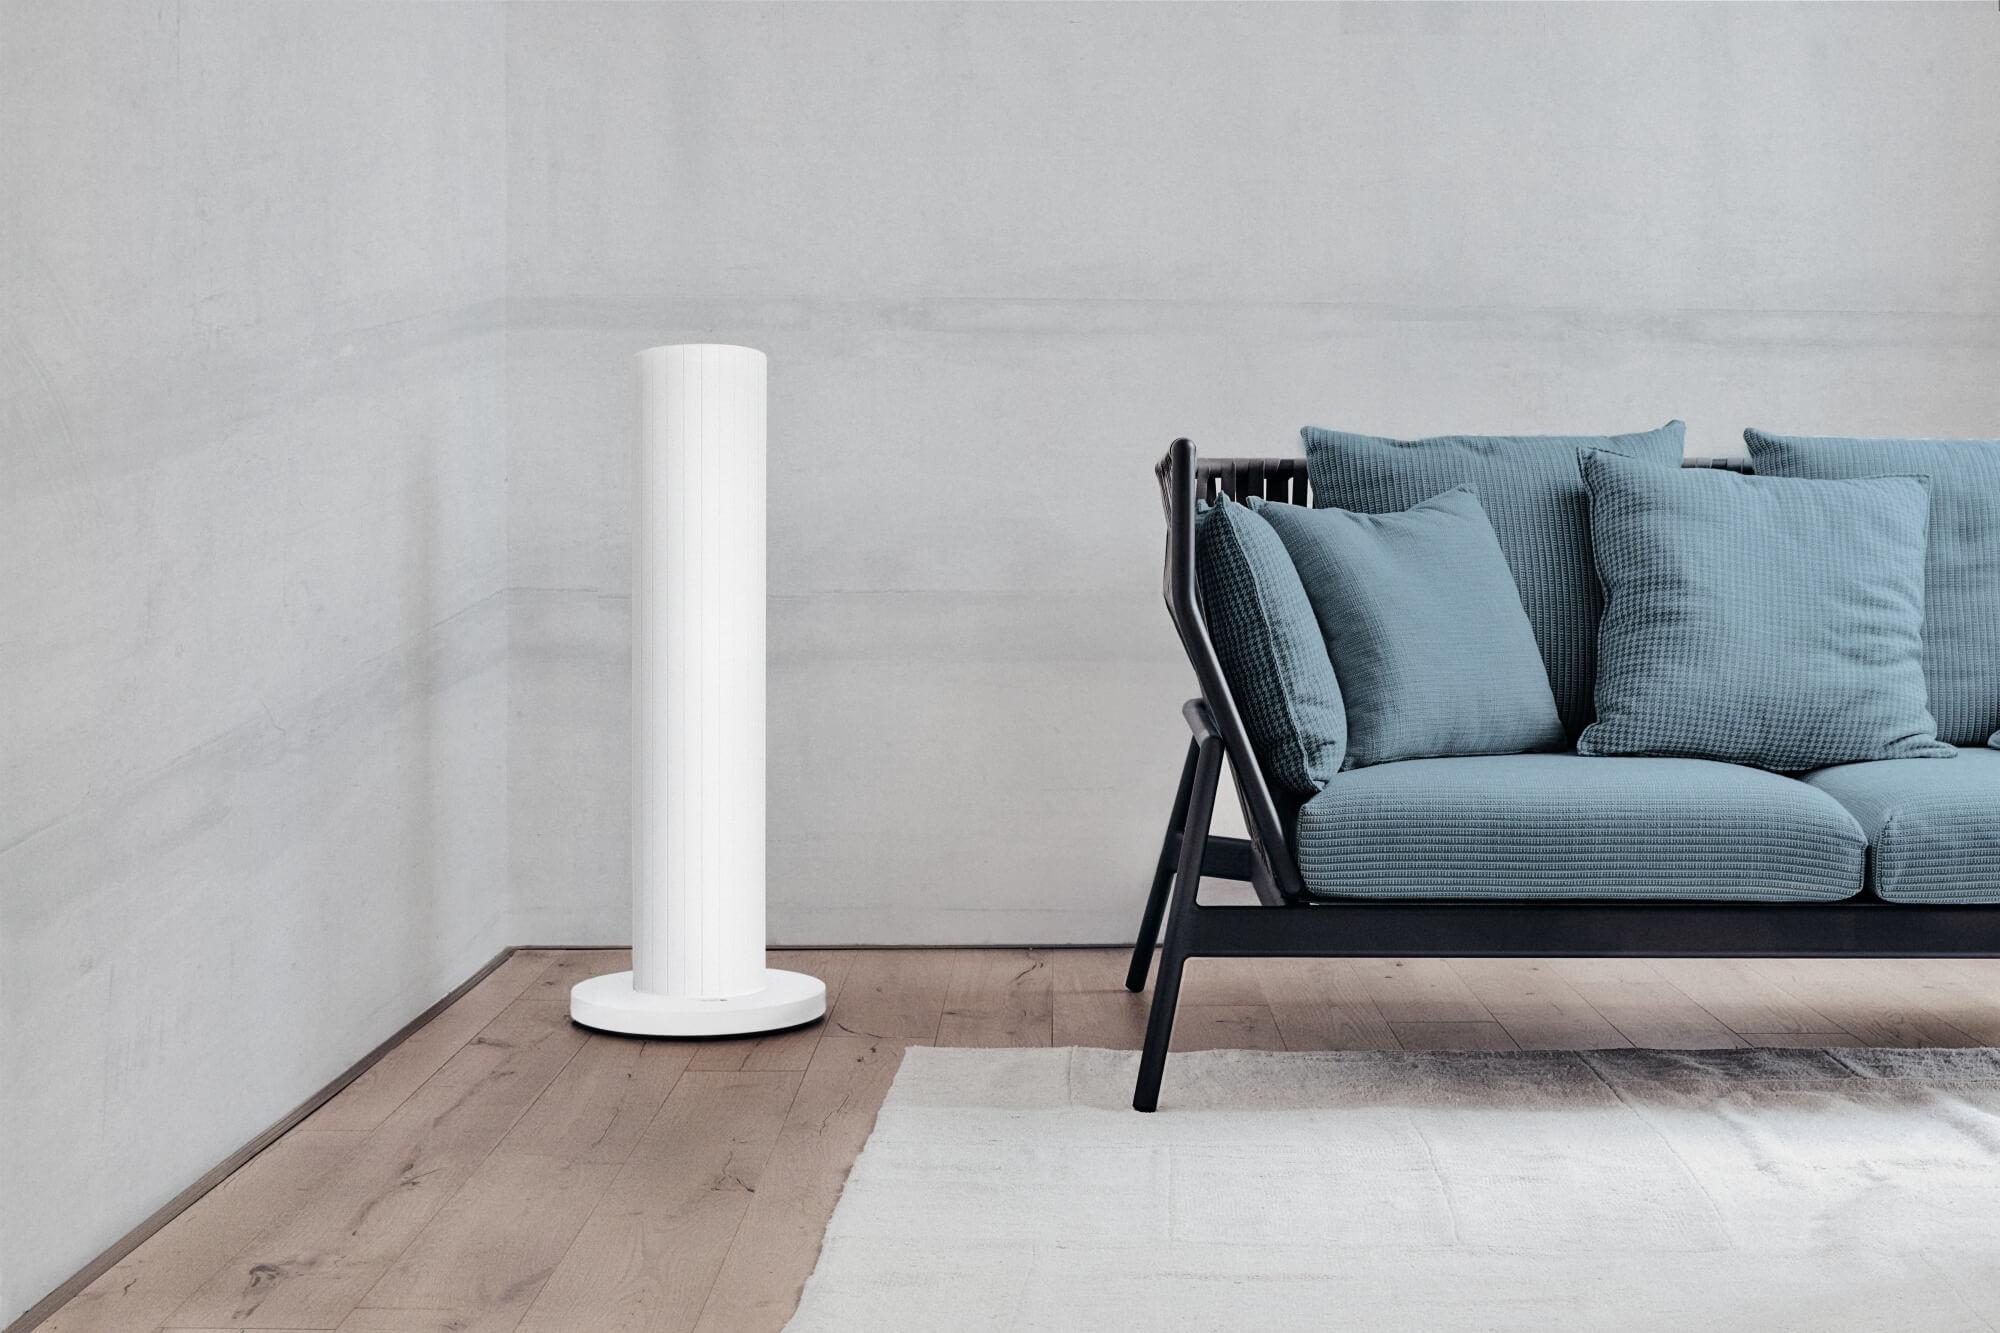 Die weiße Redwell Pipewave beheizt mit wohliger Wärme des Raum, in dem ein Sofa mit türkisen Kissen steht.